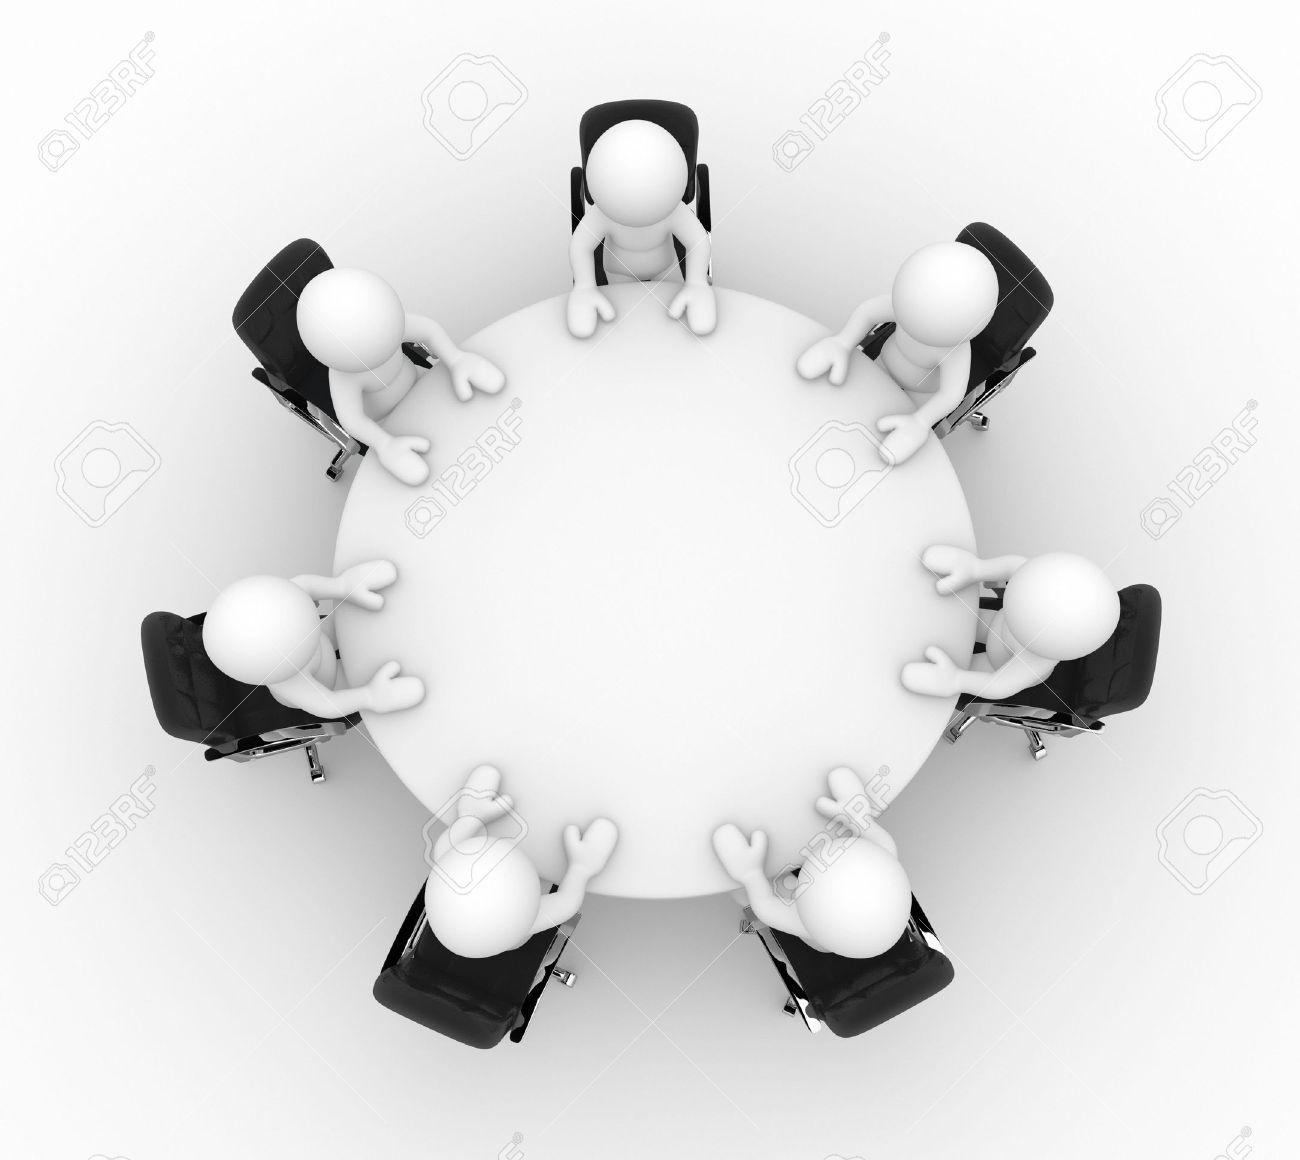 Immagini Stock 3d Persone Al Tavolo Della Conferenza Con Le Imprese Posti A Sedere Questo E Un Esempio Di Rendering 3d Image 14664915